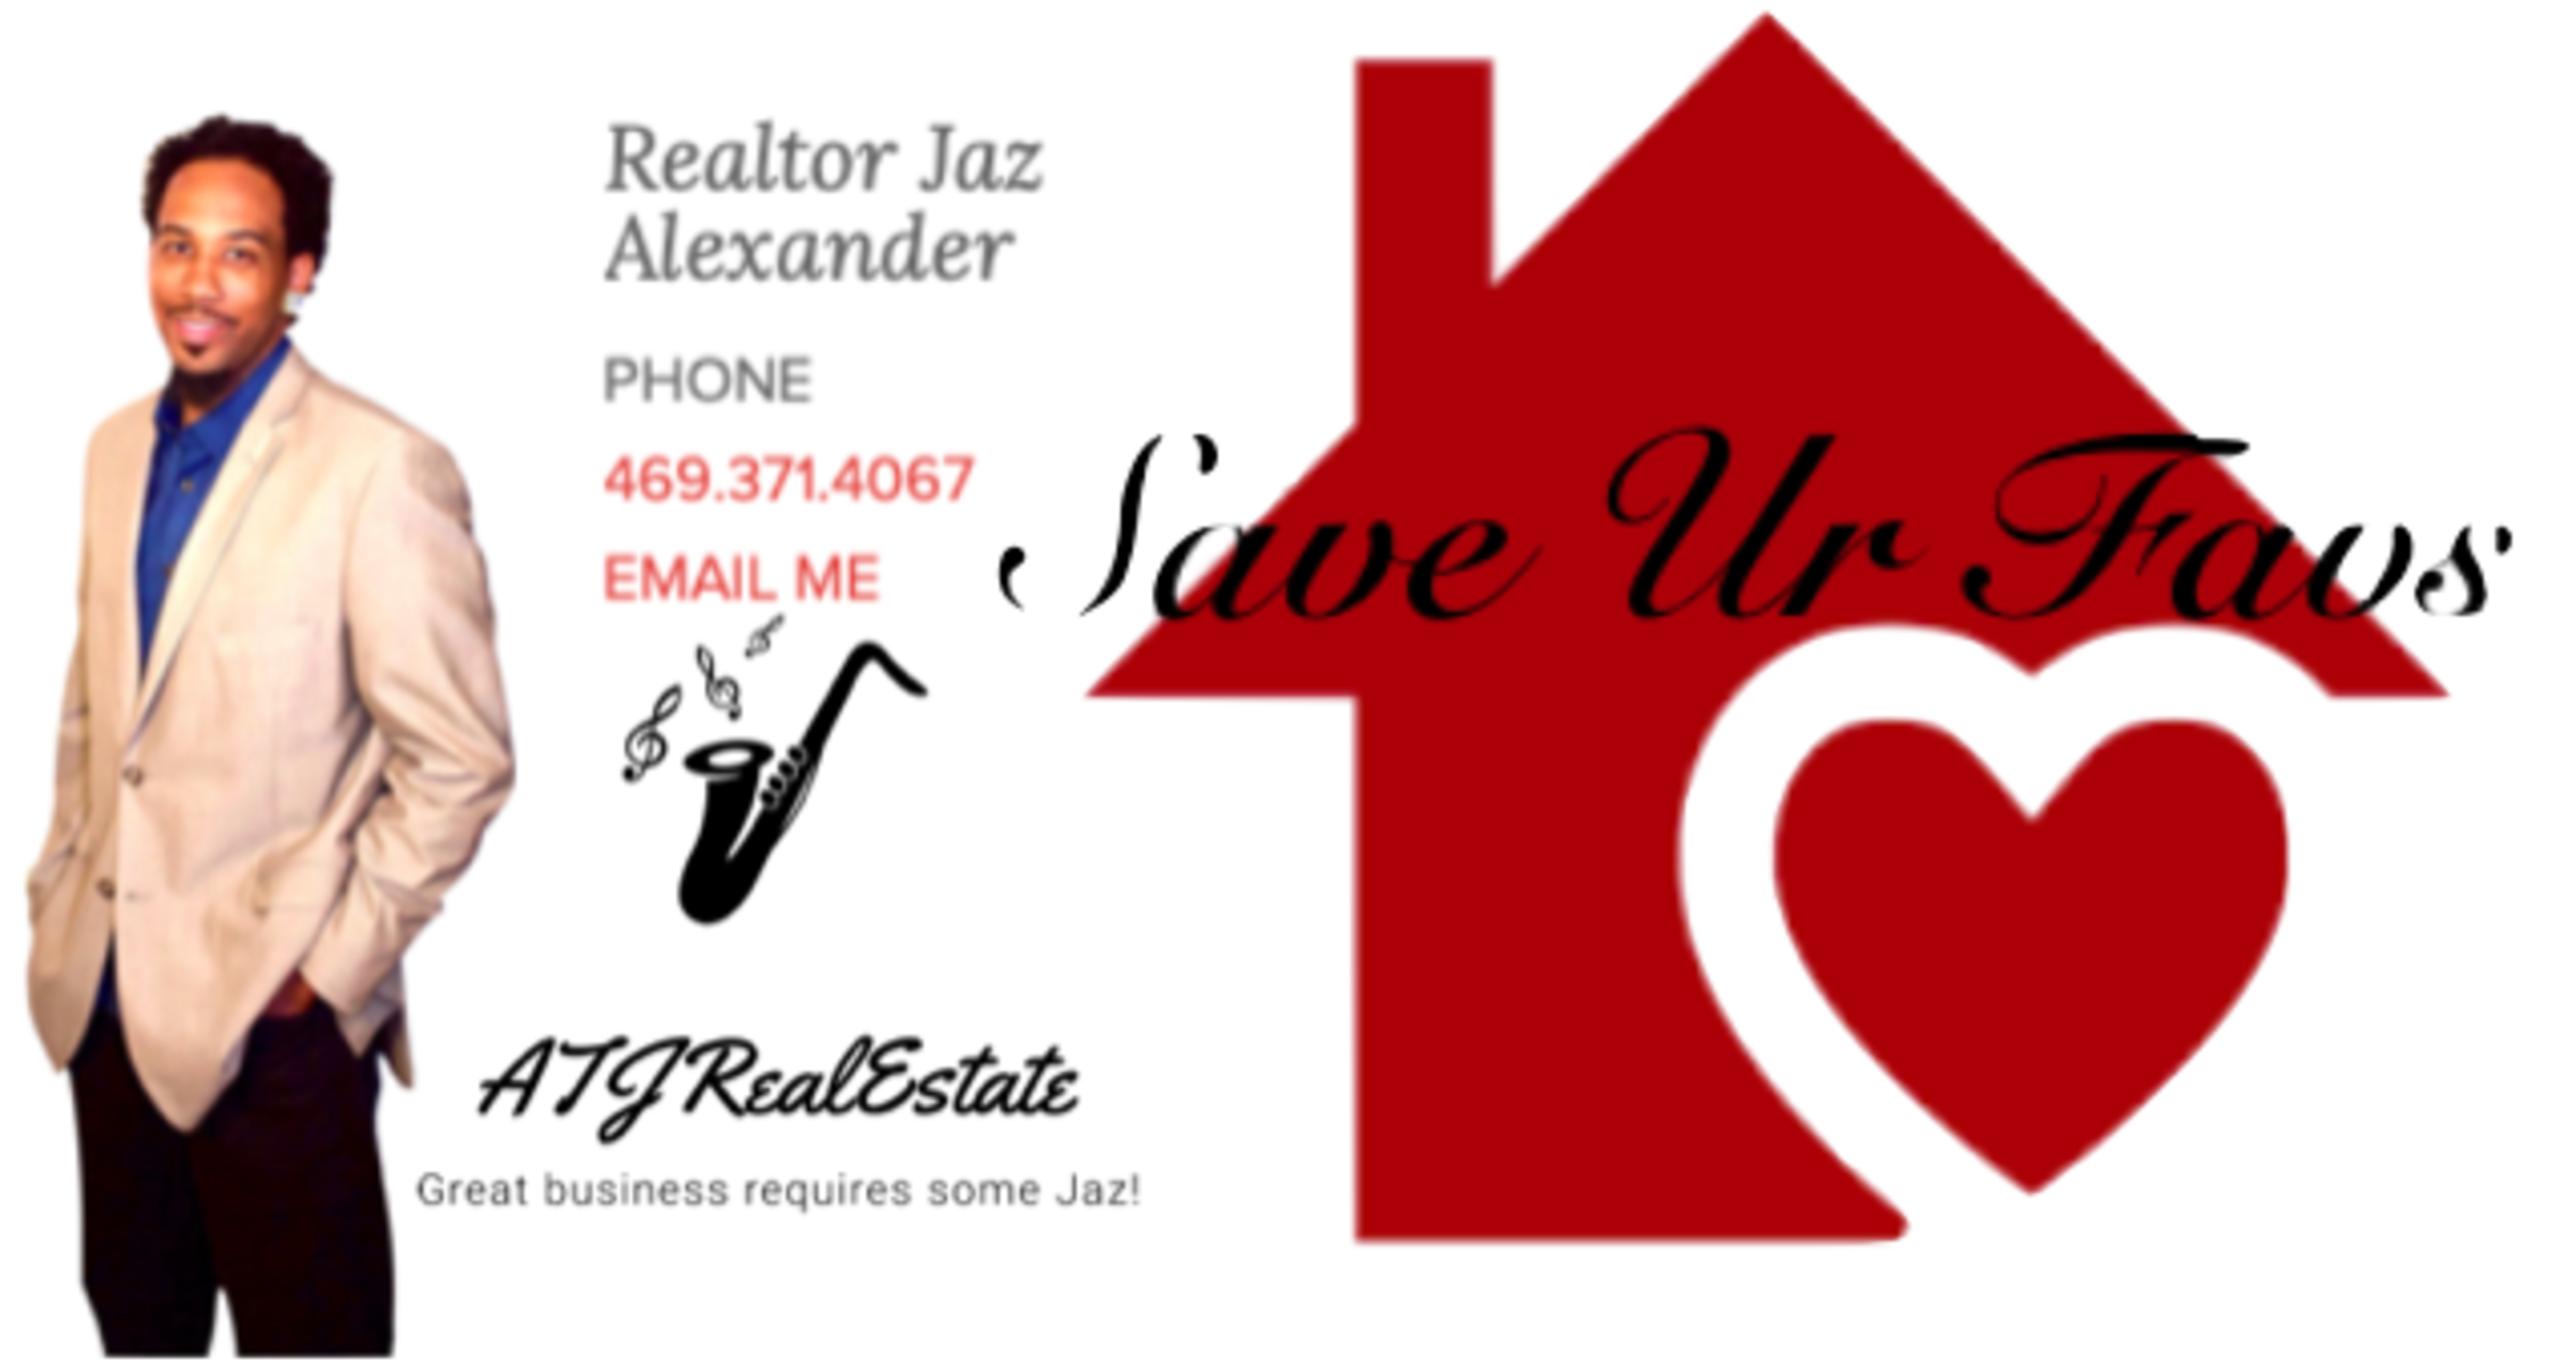 Home Loans & Team Alexander